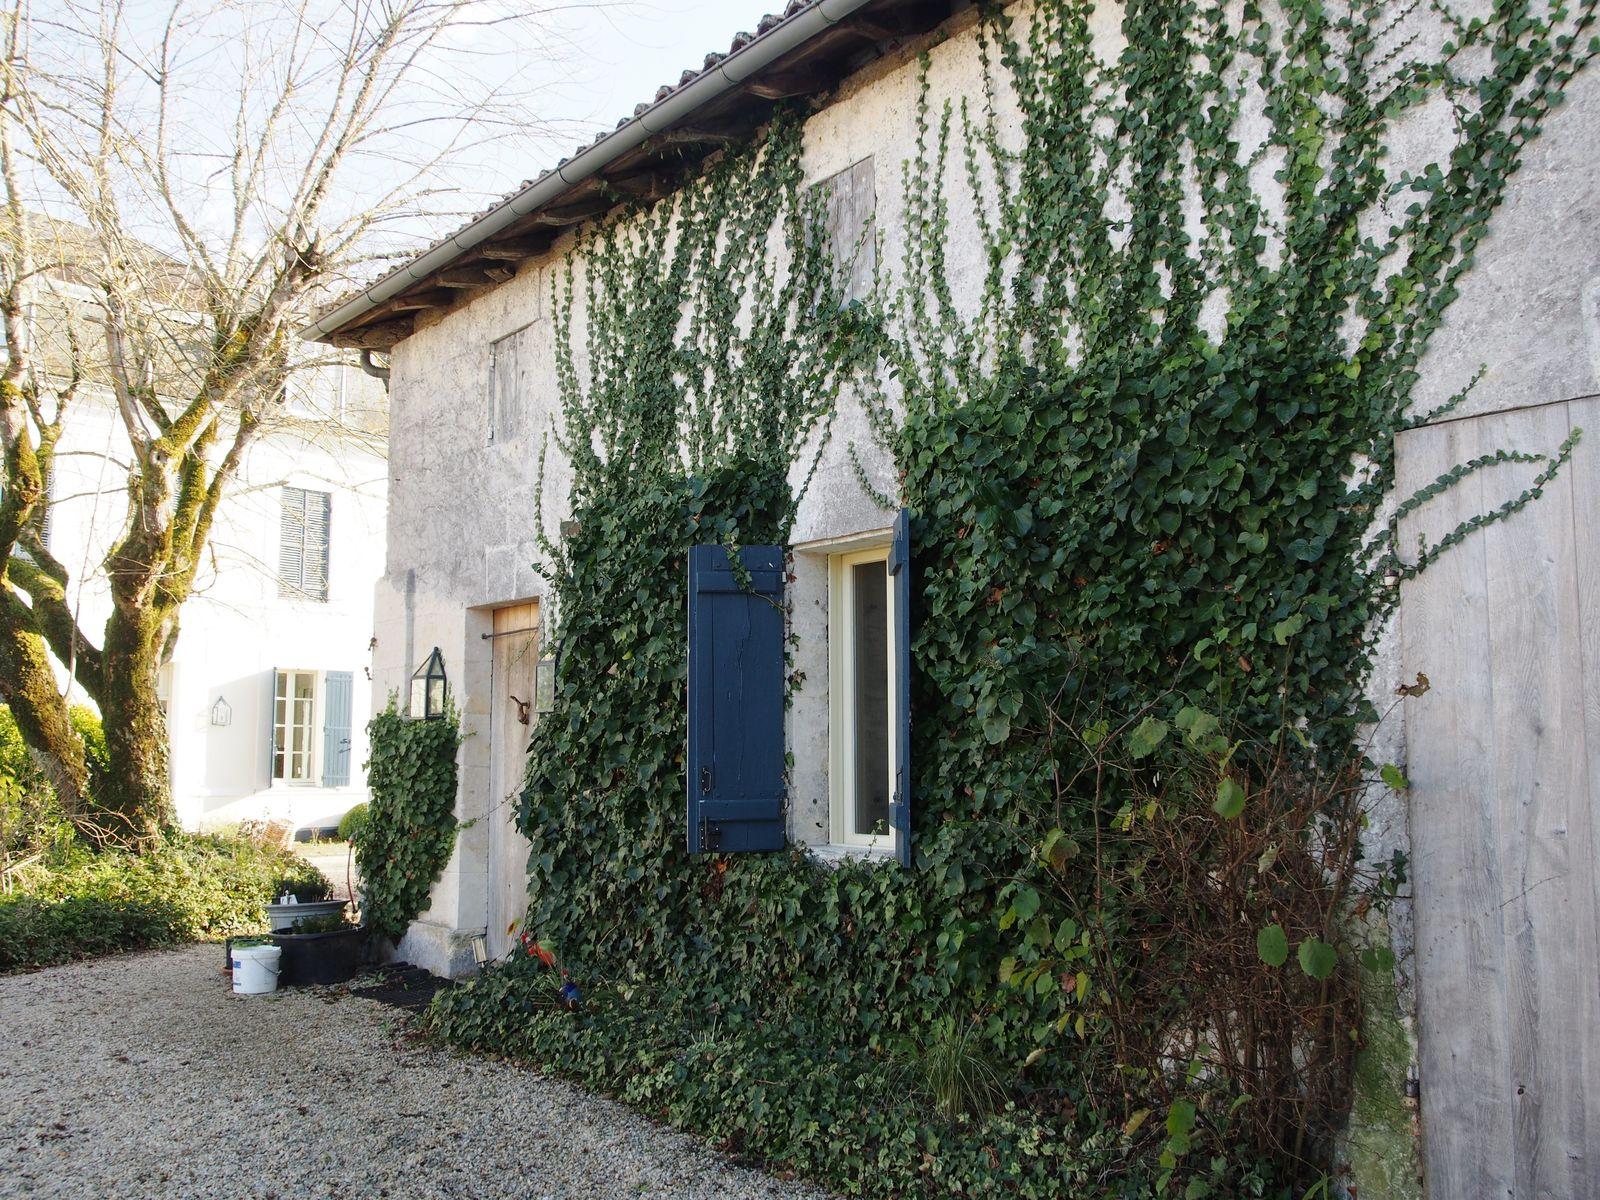 Afbeelding van Maison de Chasse - La Dronne - vakantiehuis Dordogne, Frankrijk